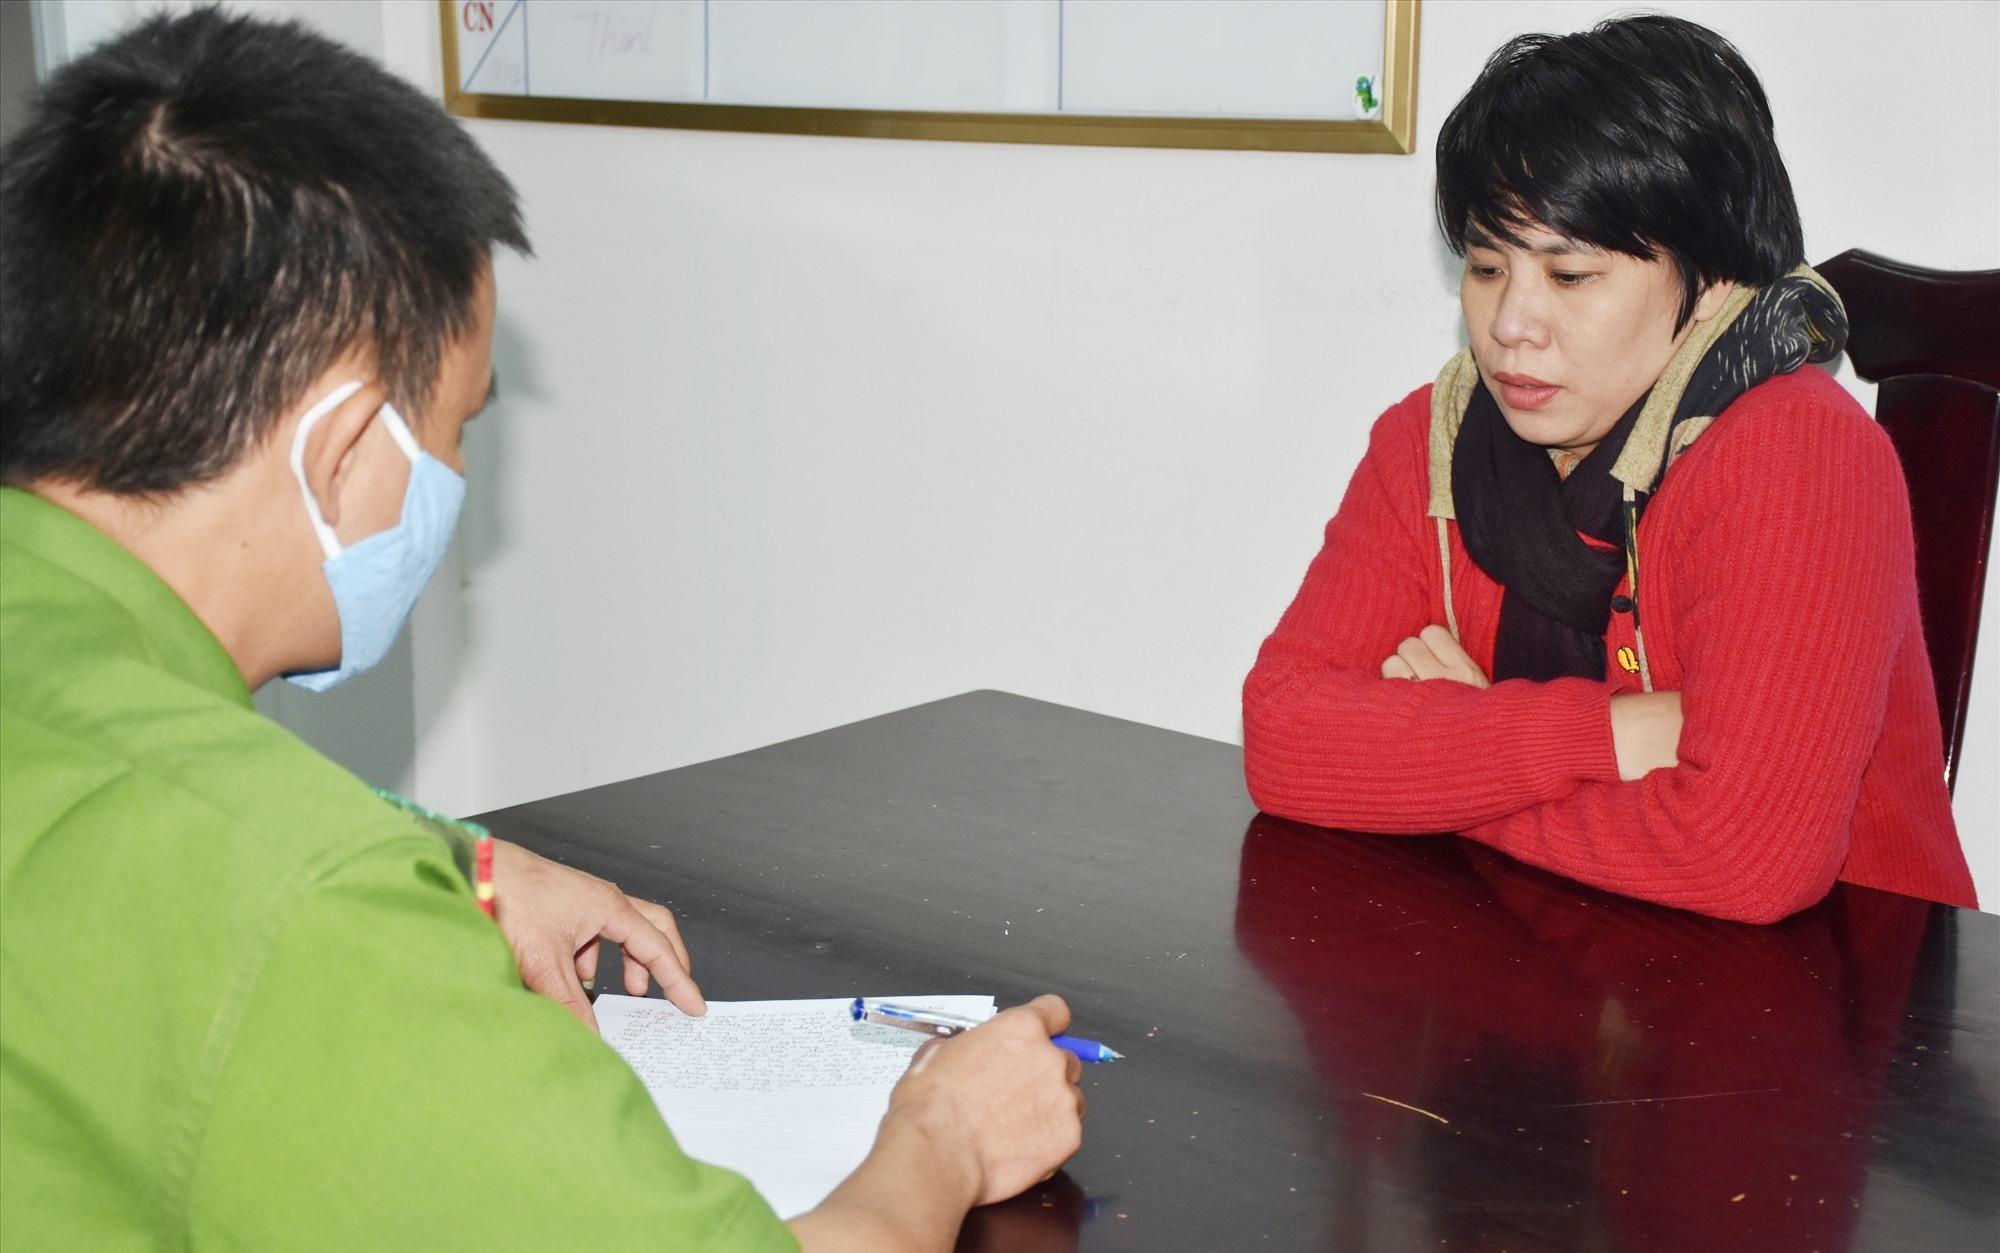 Công an làm việc với đối tượng Phạm Thị Hồng Hà. Ảnh: M.T